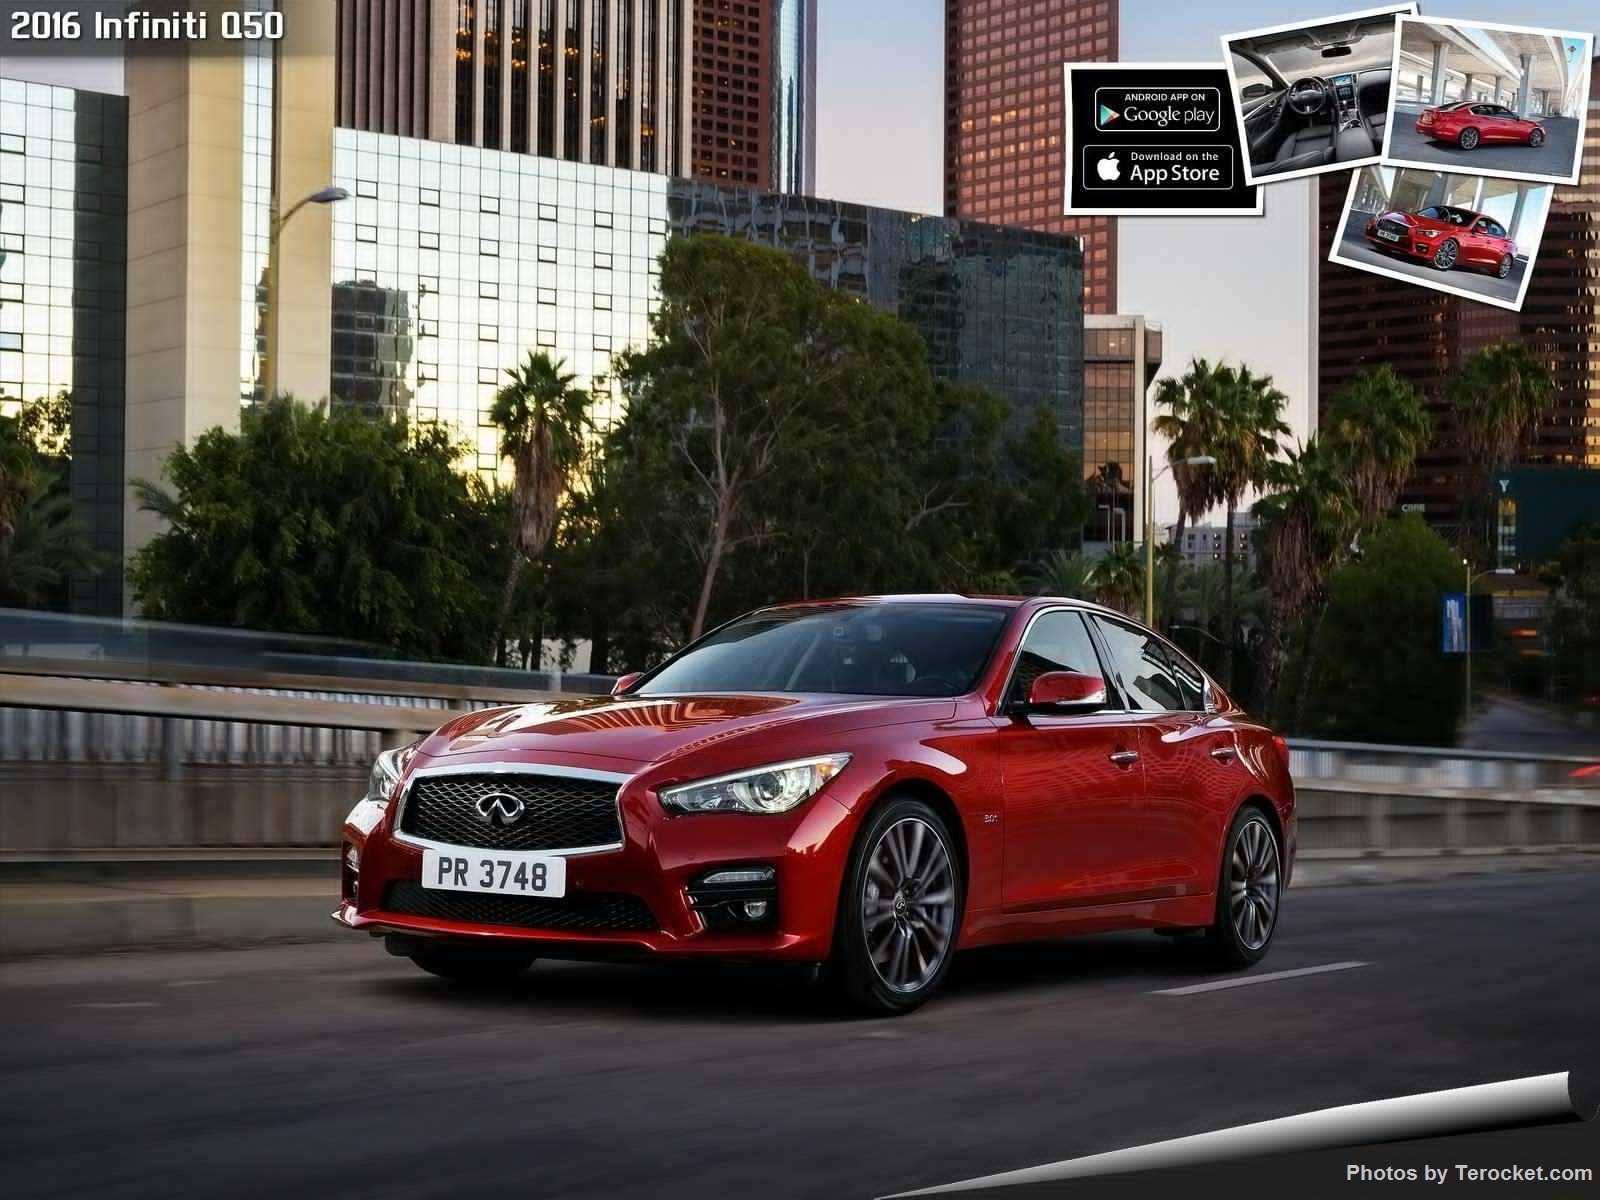 Hình ảnh xe ô tô Infiniti Q50 2016 & nội ngoại thất